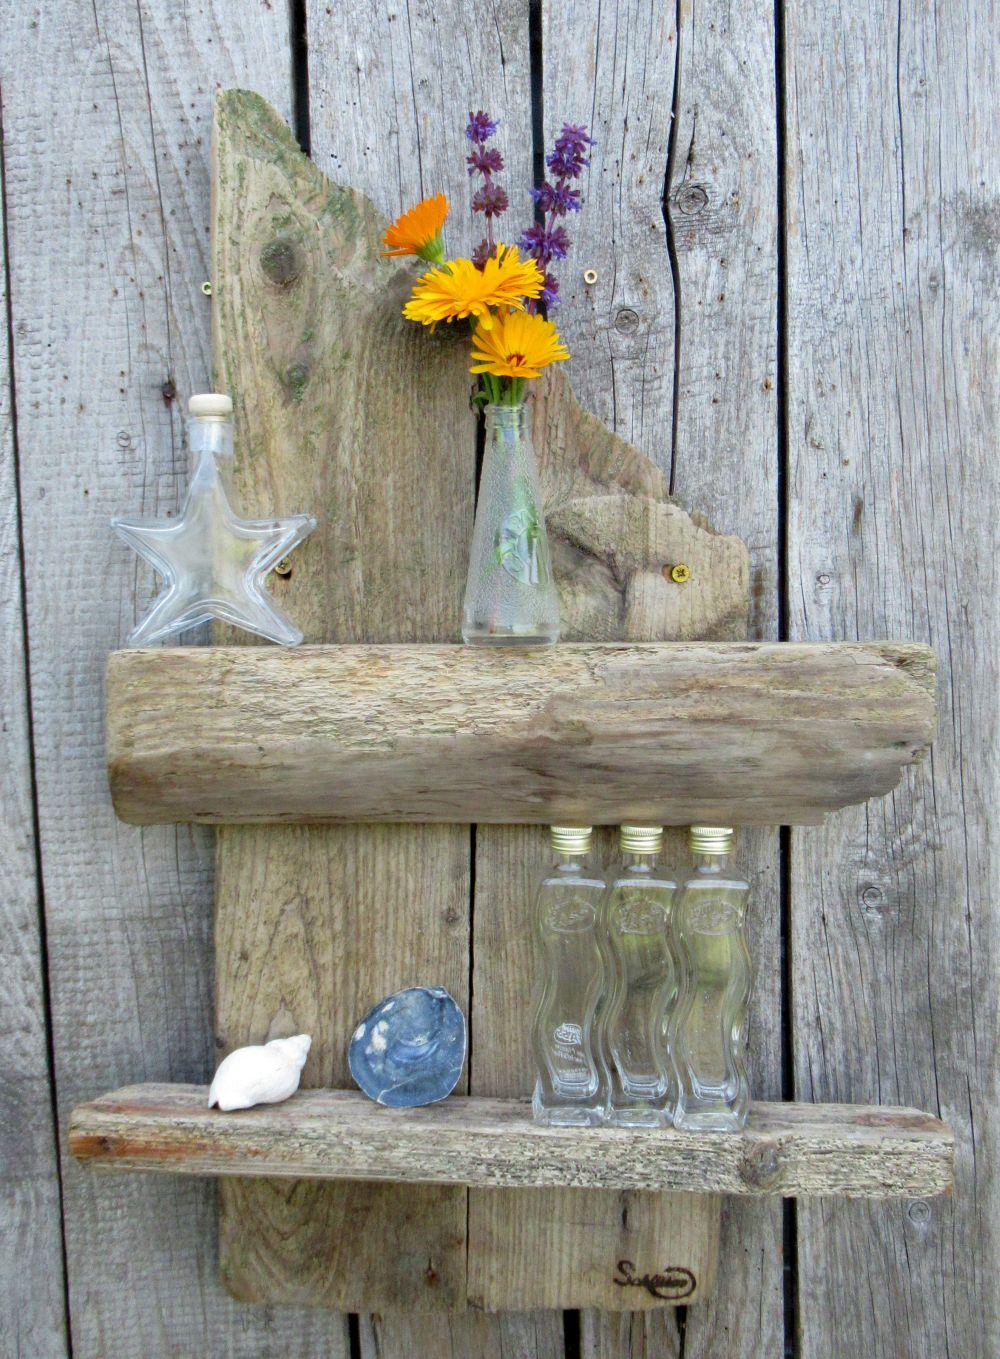 Treibholz als Material für ein schönes Regal, diy